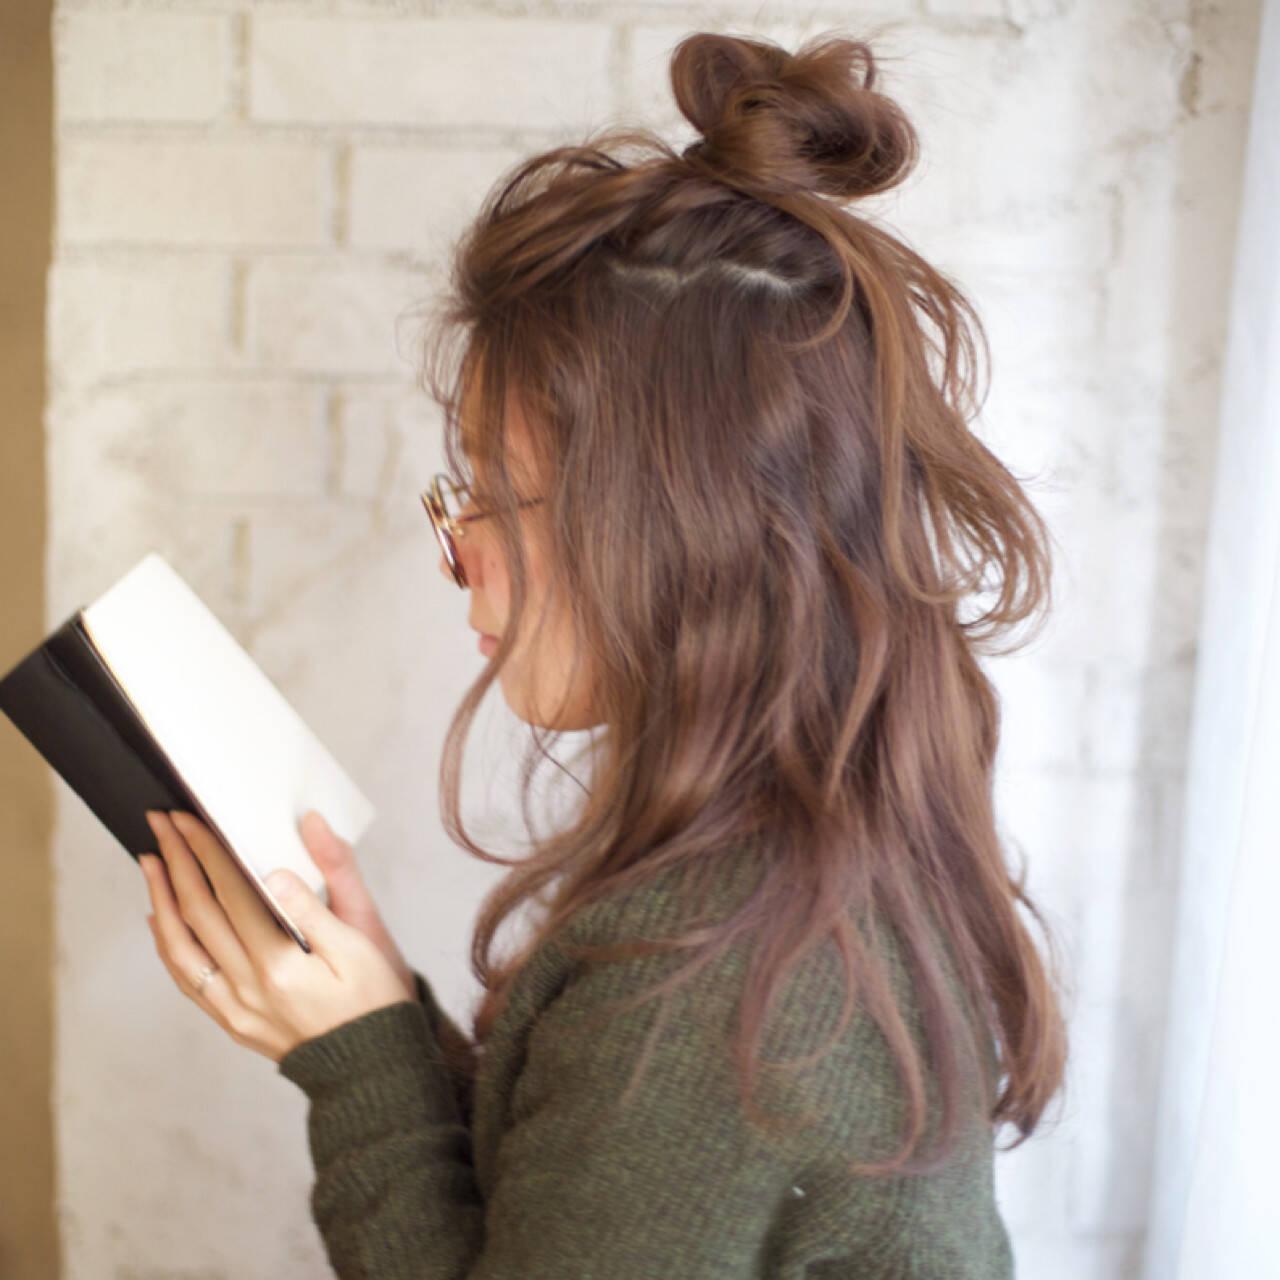 ショート メッシーバン 外国人風 簡単ヘアアレンジヘアスタイルや髪型の写真・画像